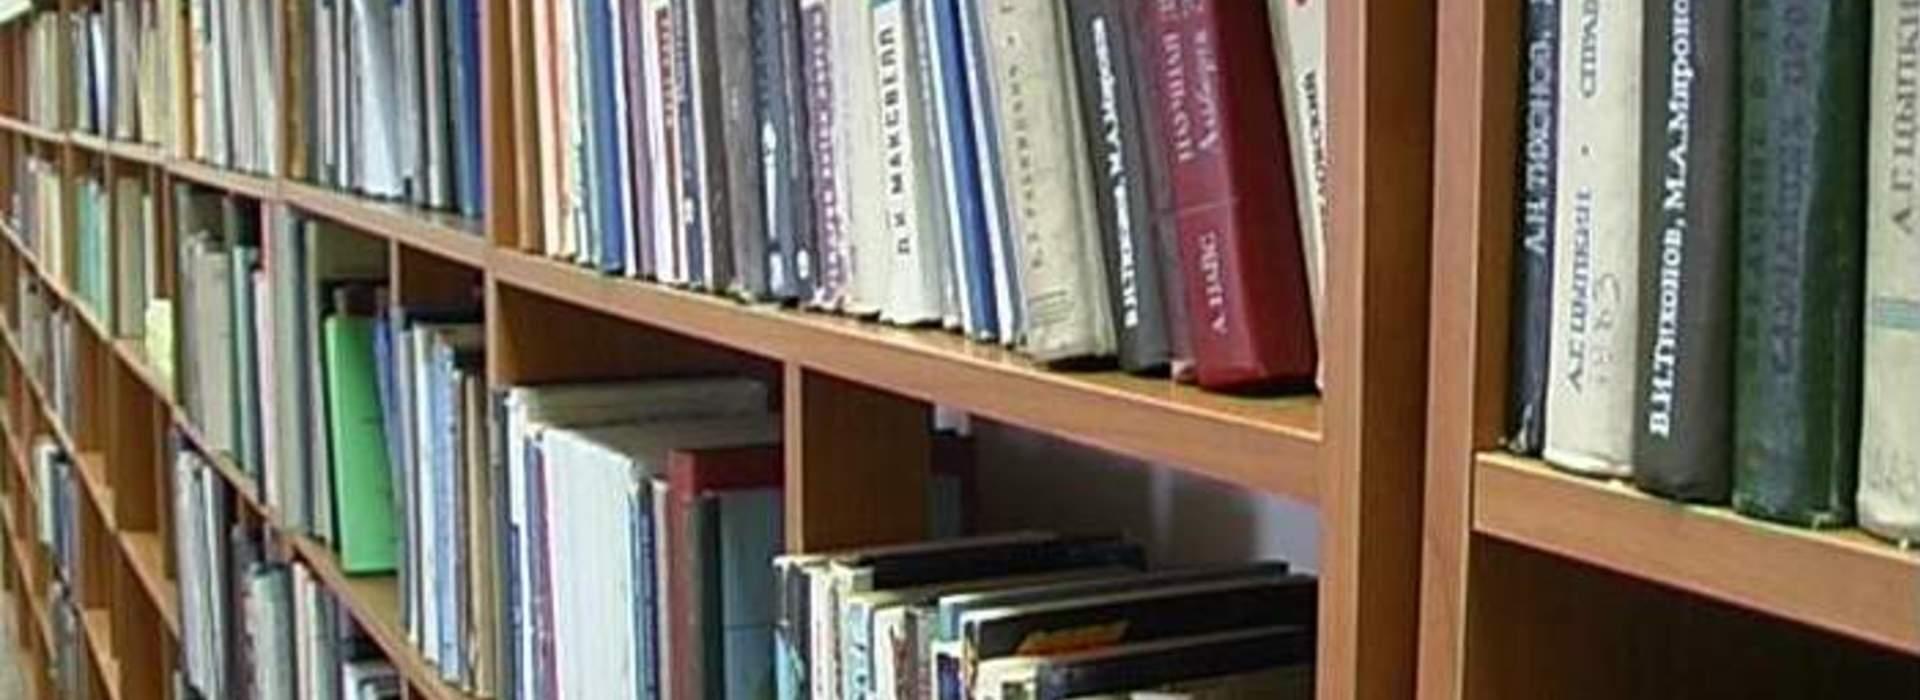 Отдел обслуживания в Институте среднего профессионального образования им. К. Д. Ушинского: учебный корпус «Колледж Дорогомилово»